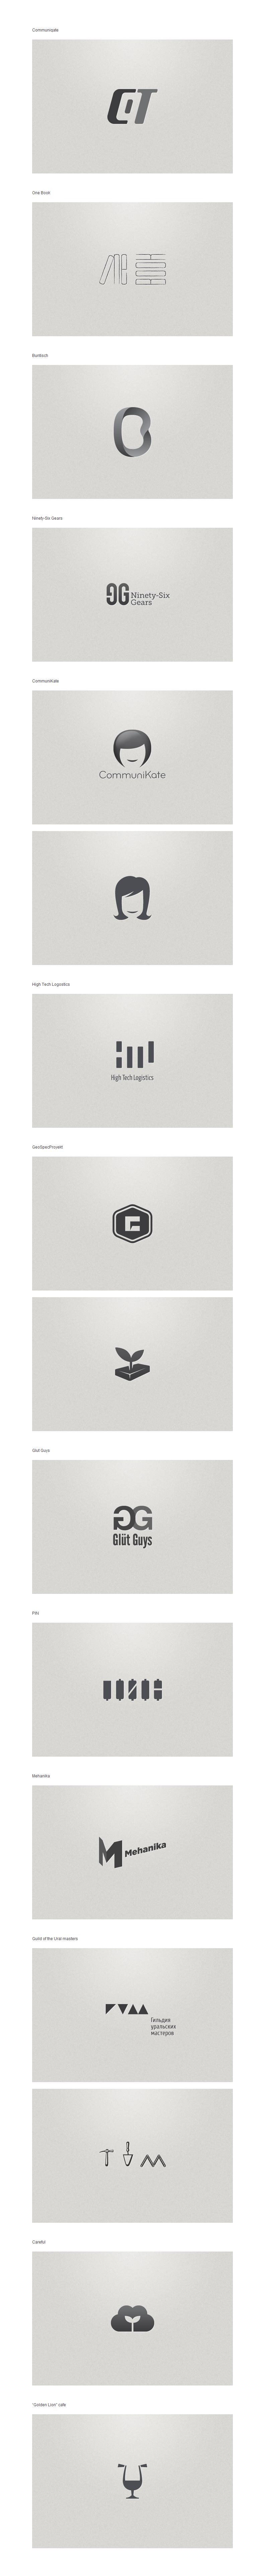 Unused Logos 09-11, Logo © Алексей Бусыгин